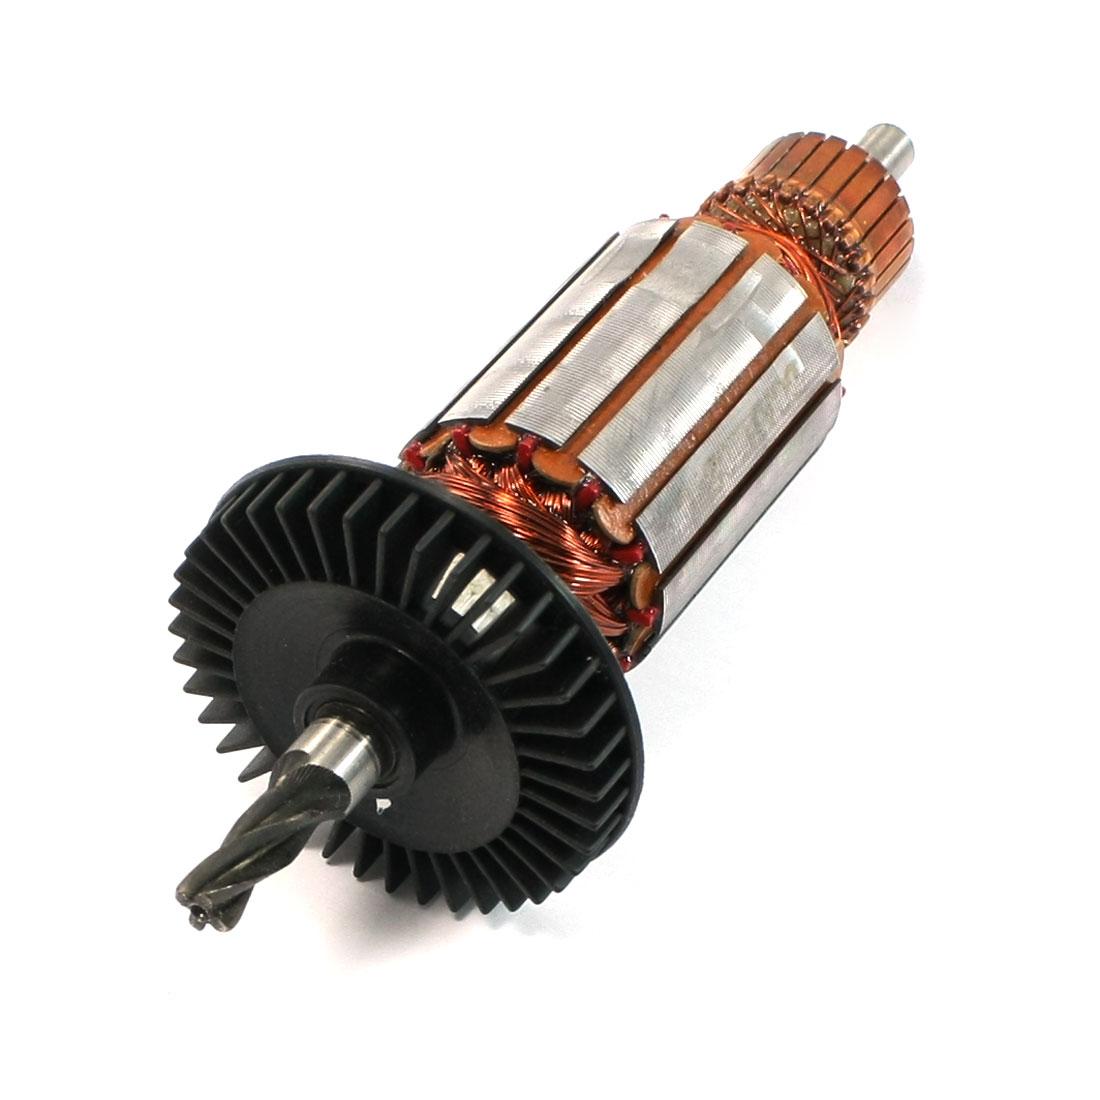 AC 220V Scroll Saw Part 4 Teeth Drive Shaft Motor Rotor for Bosch GST100PB